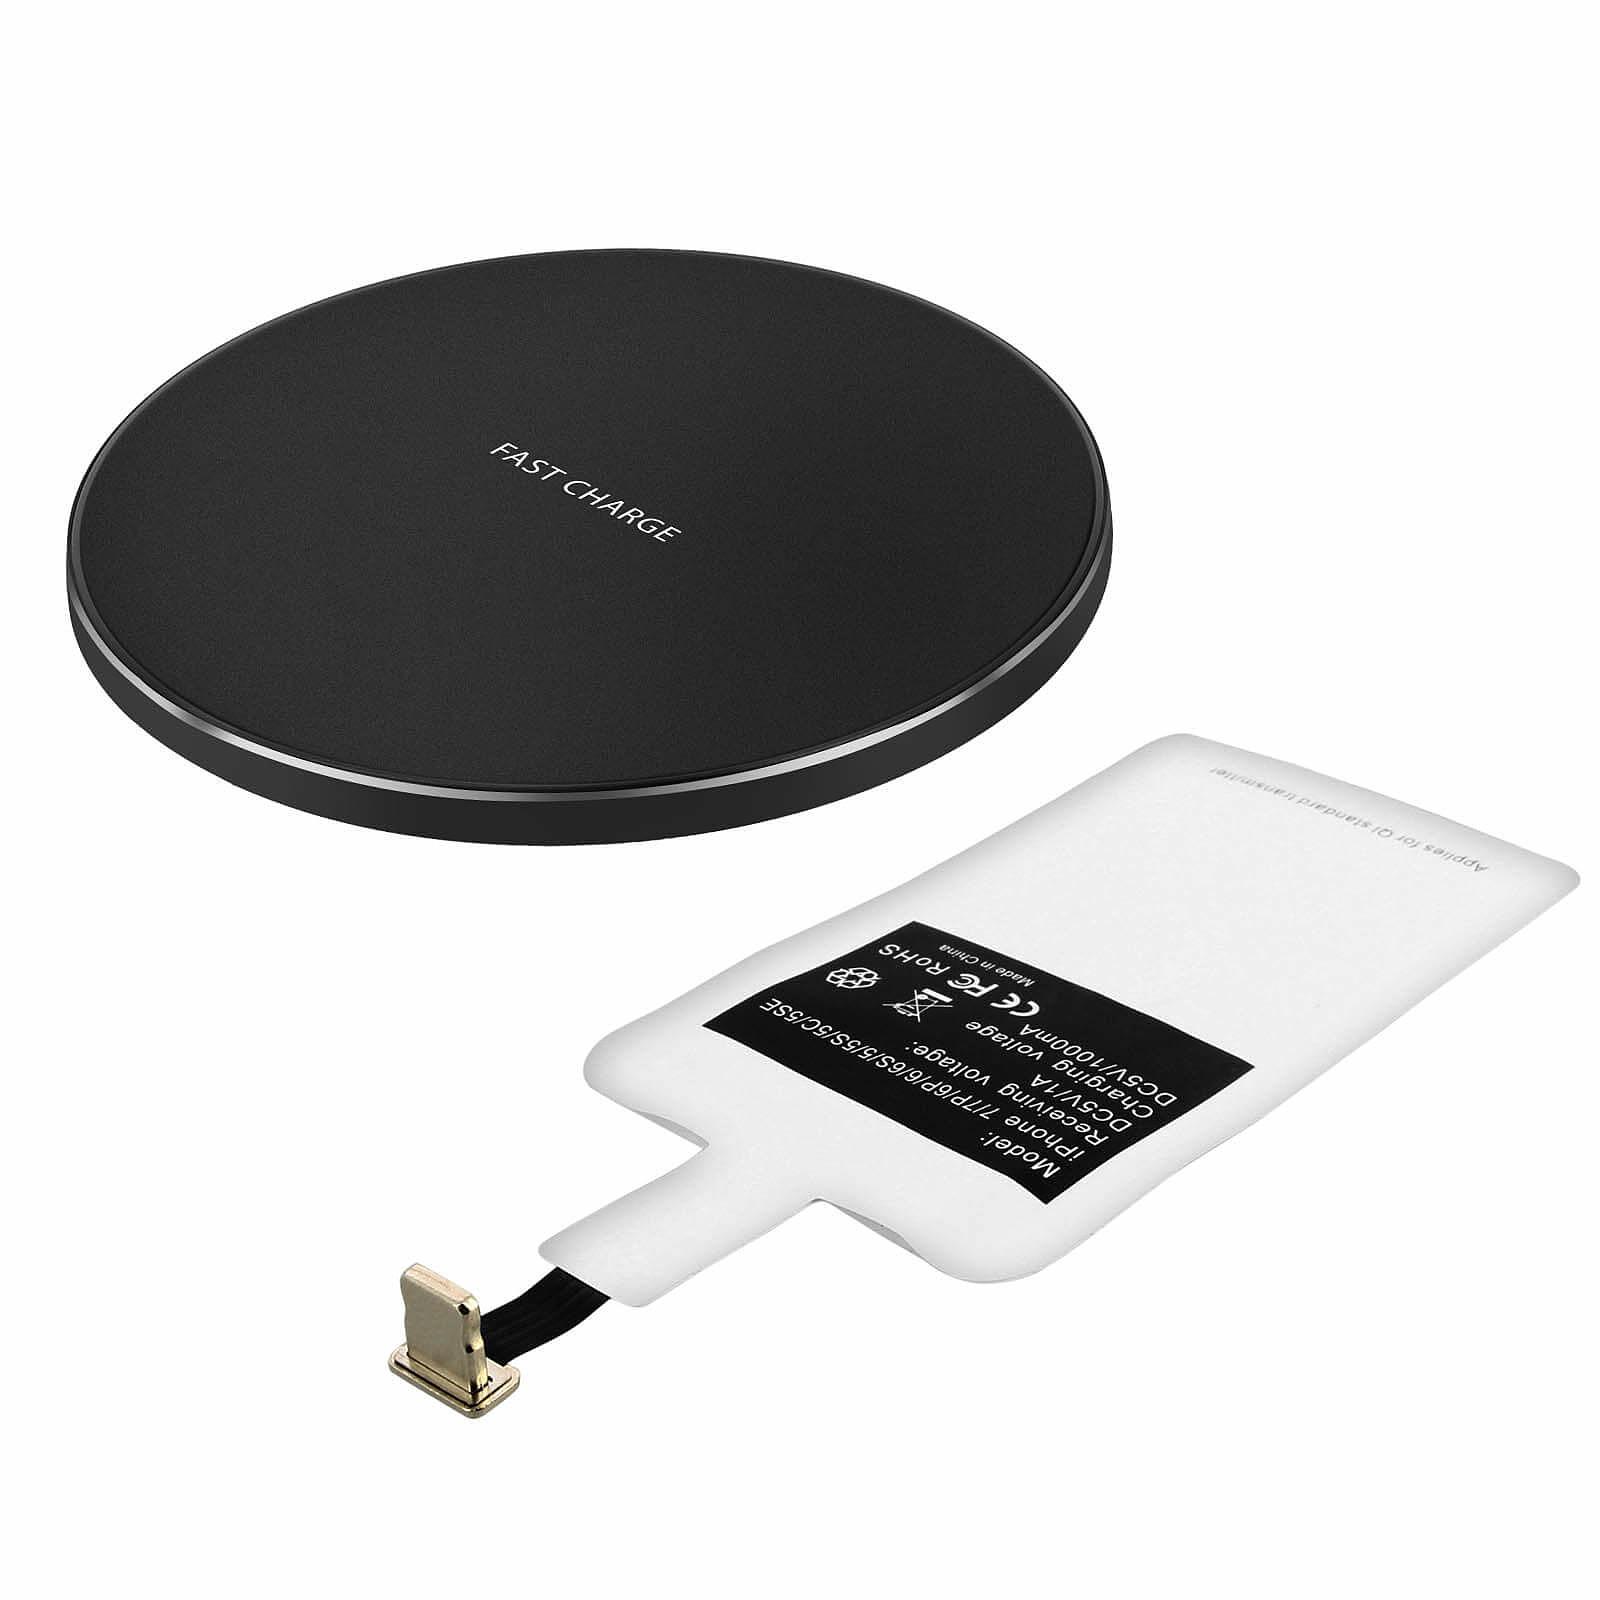 Avizar Chargeur sans fil Noir pour Tous les smartphones dotés d'un port de charge Lightning